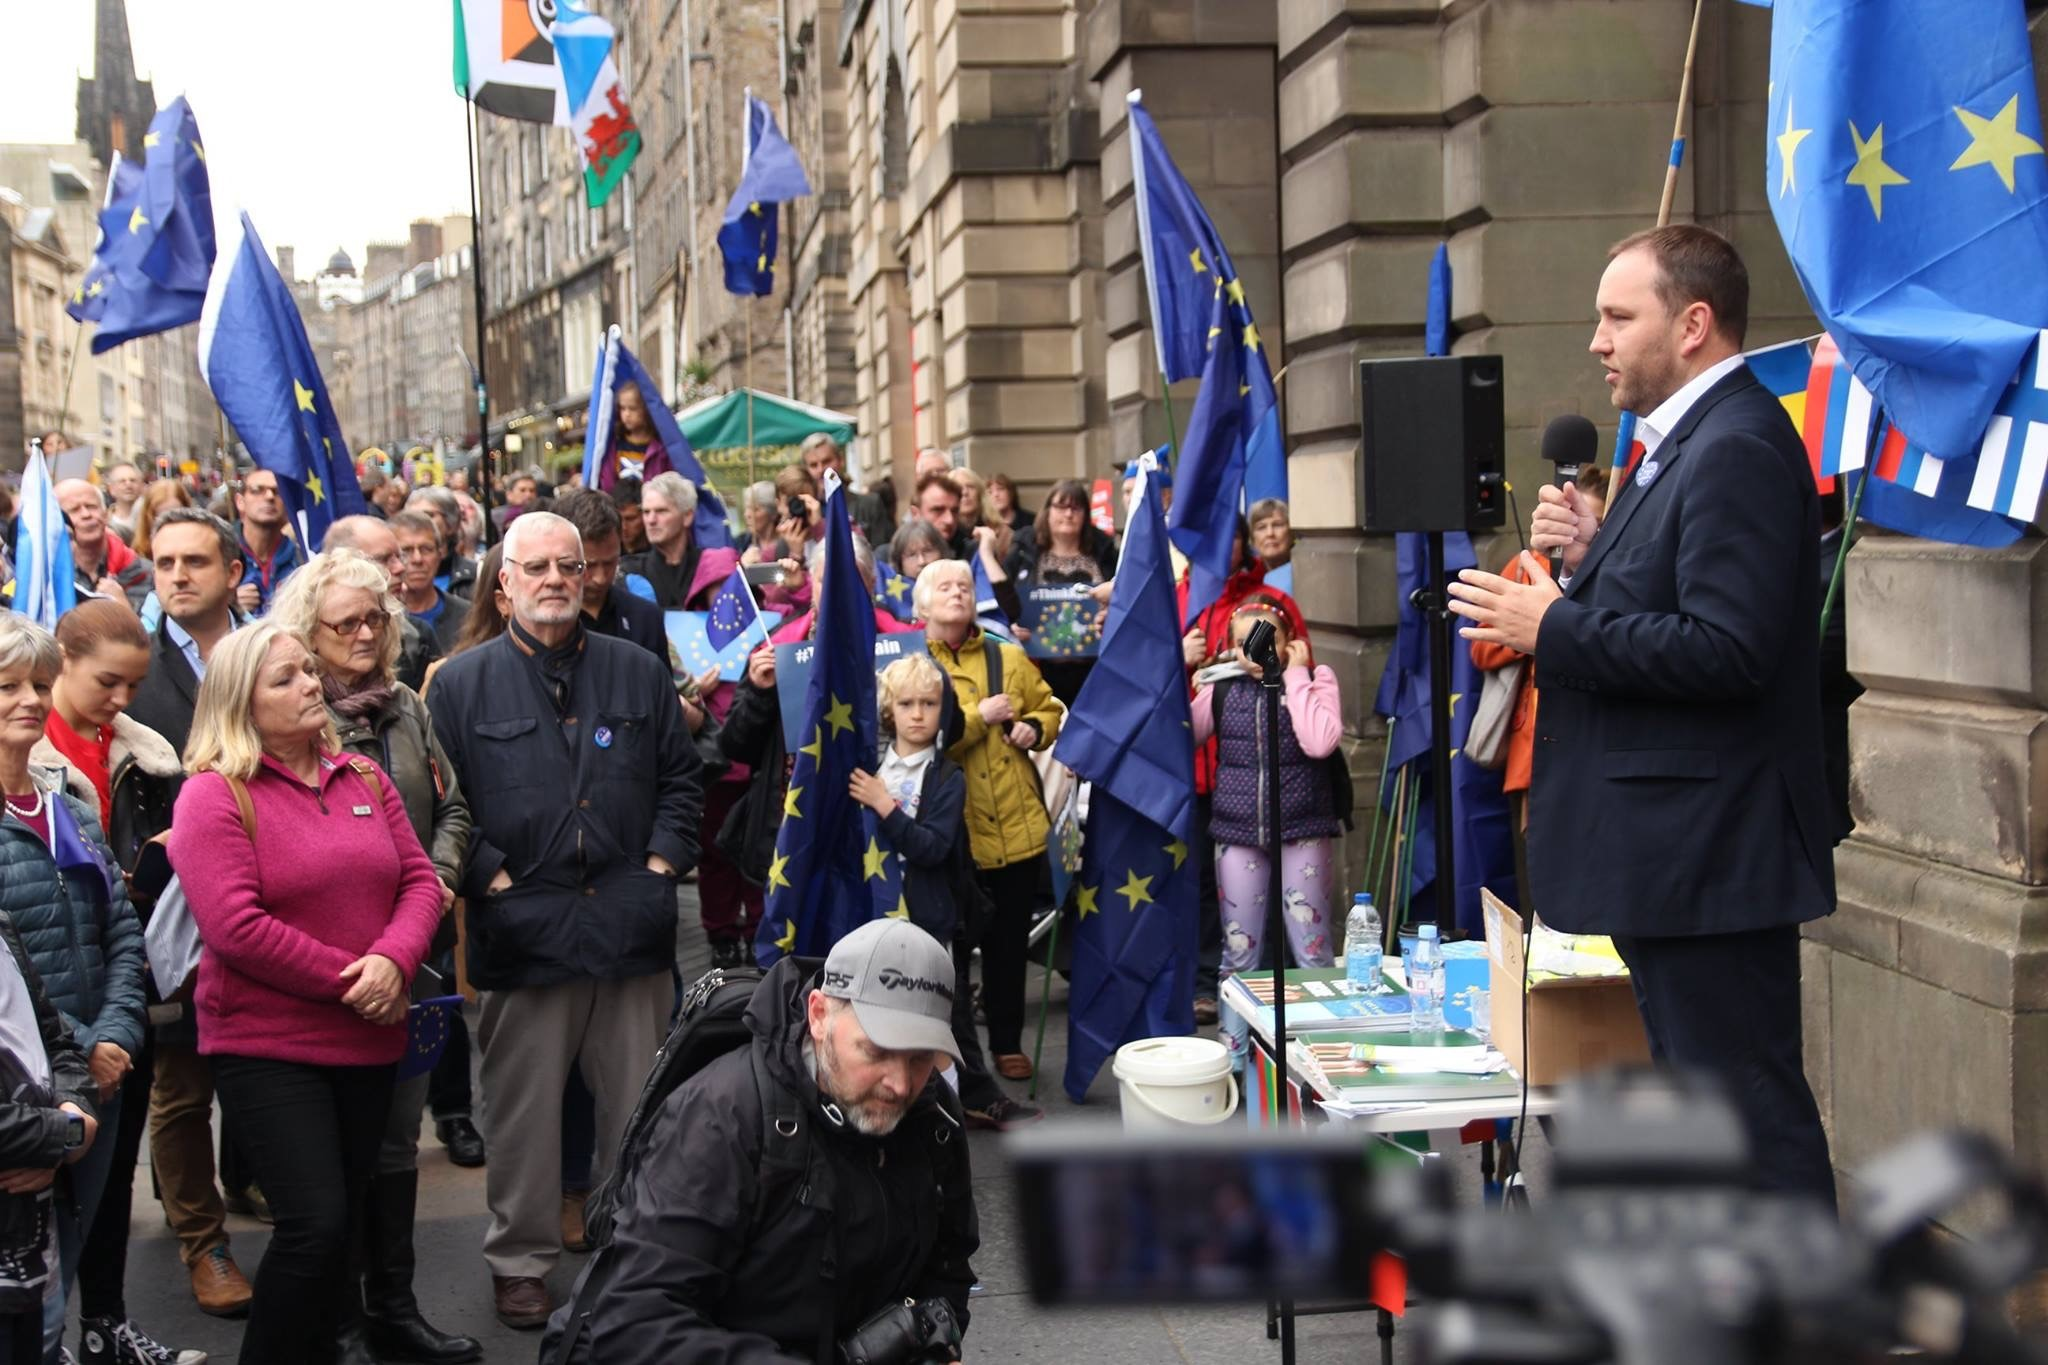 Edinburgh_EU4.jpg